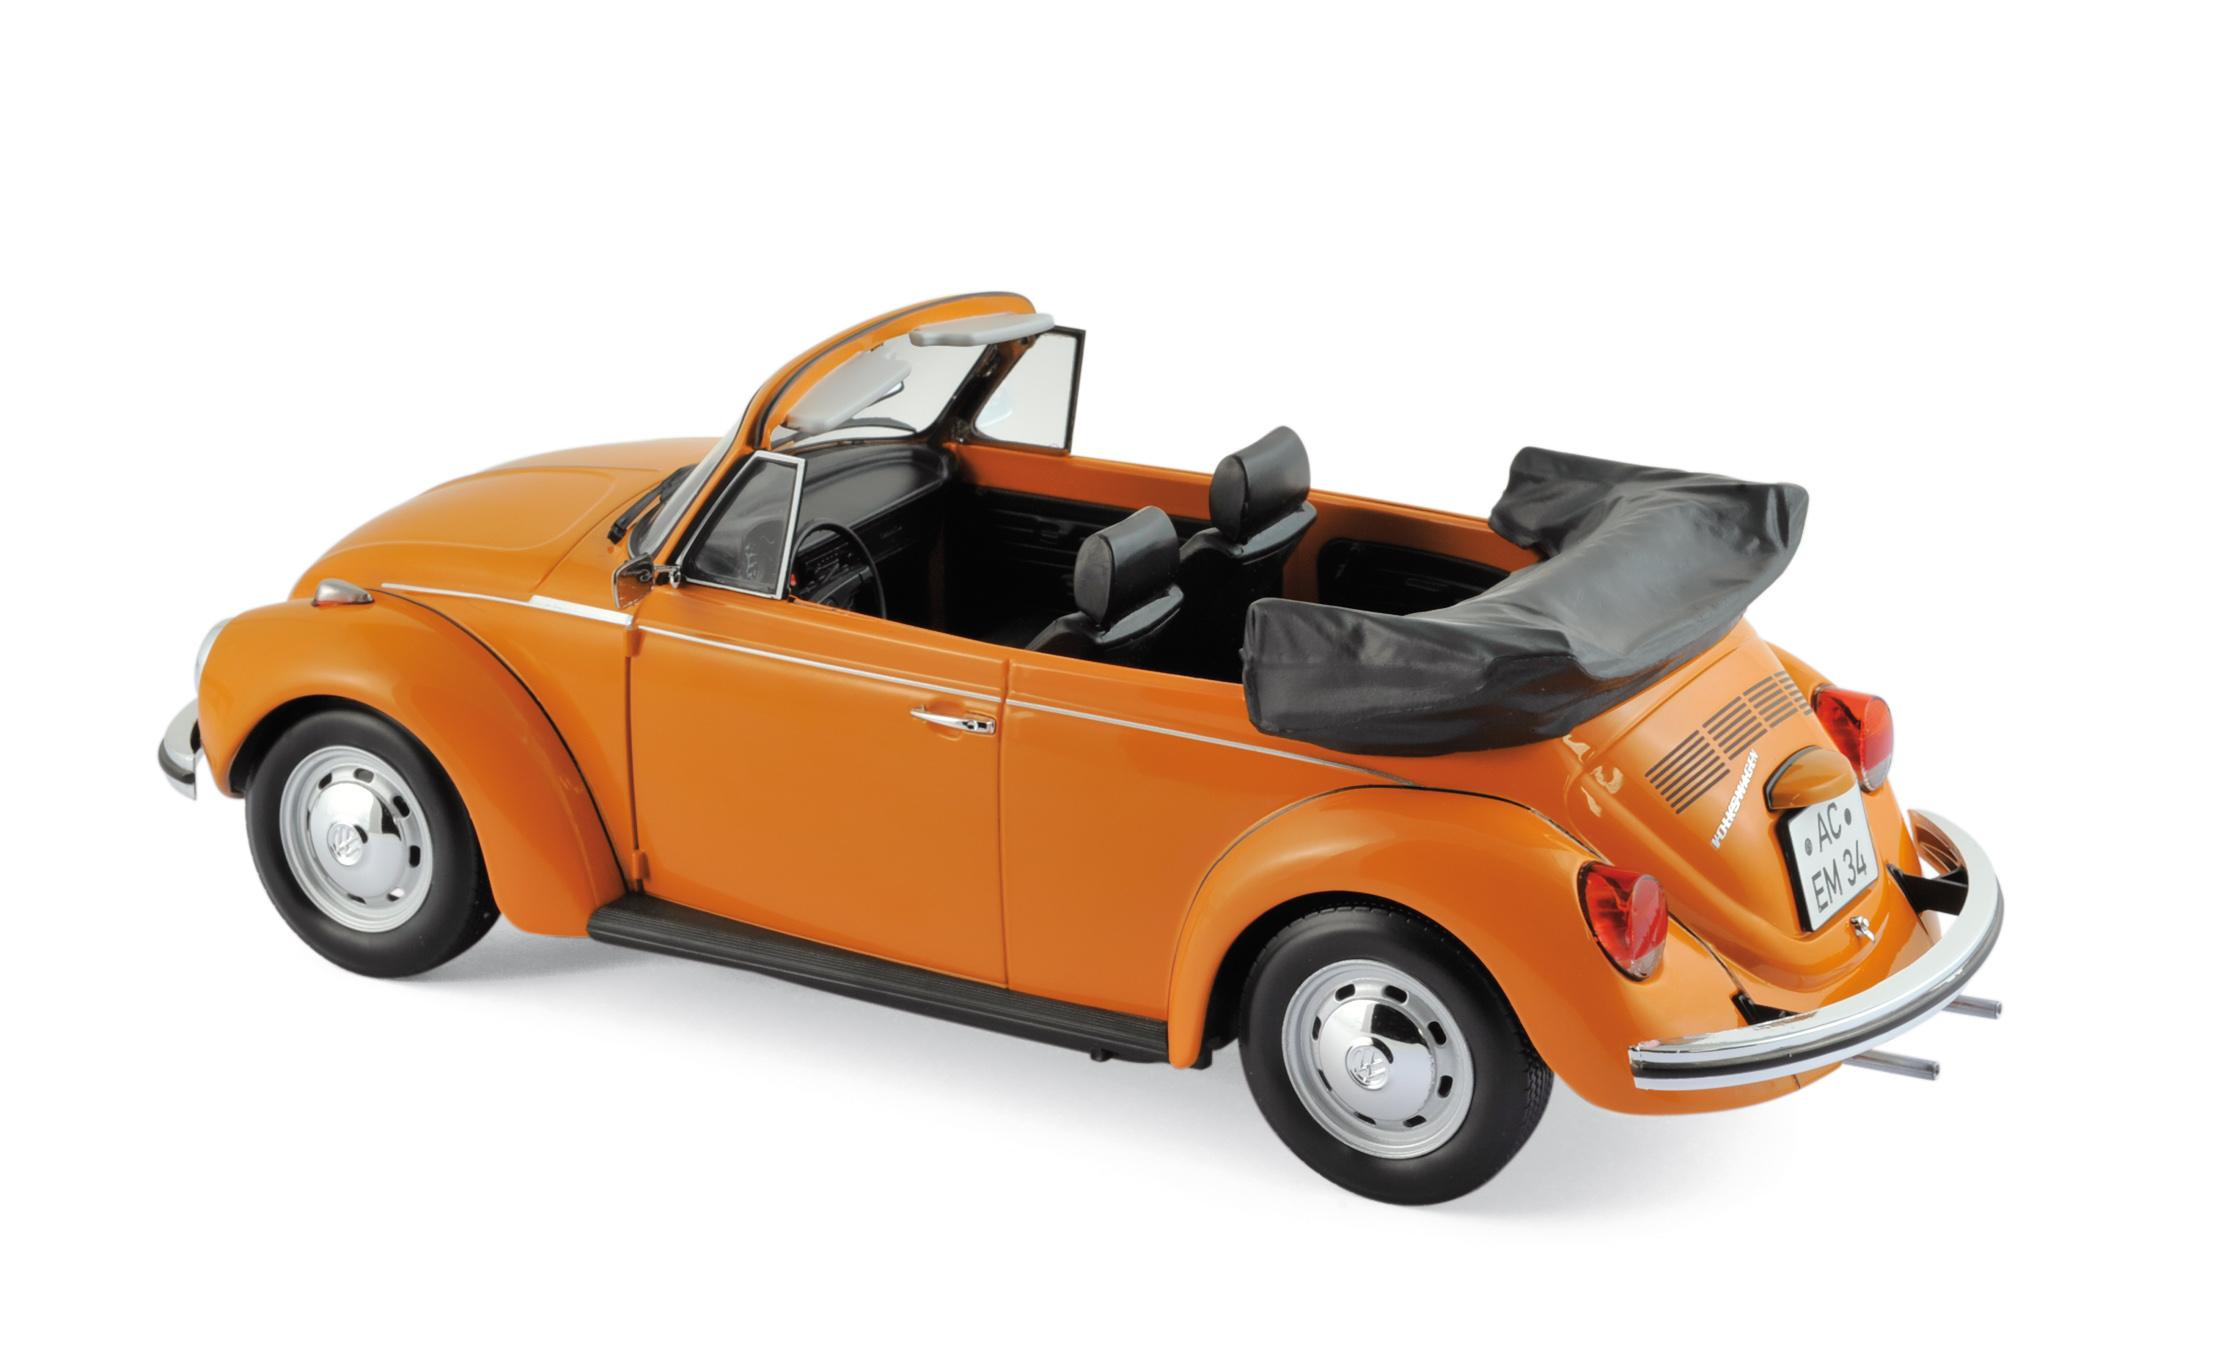 modellauto volkswagen vw k fer 1303 cabriolet 1972. Black Bedroom Furniture Sets. Home Design Ideas